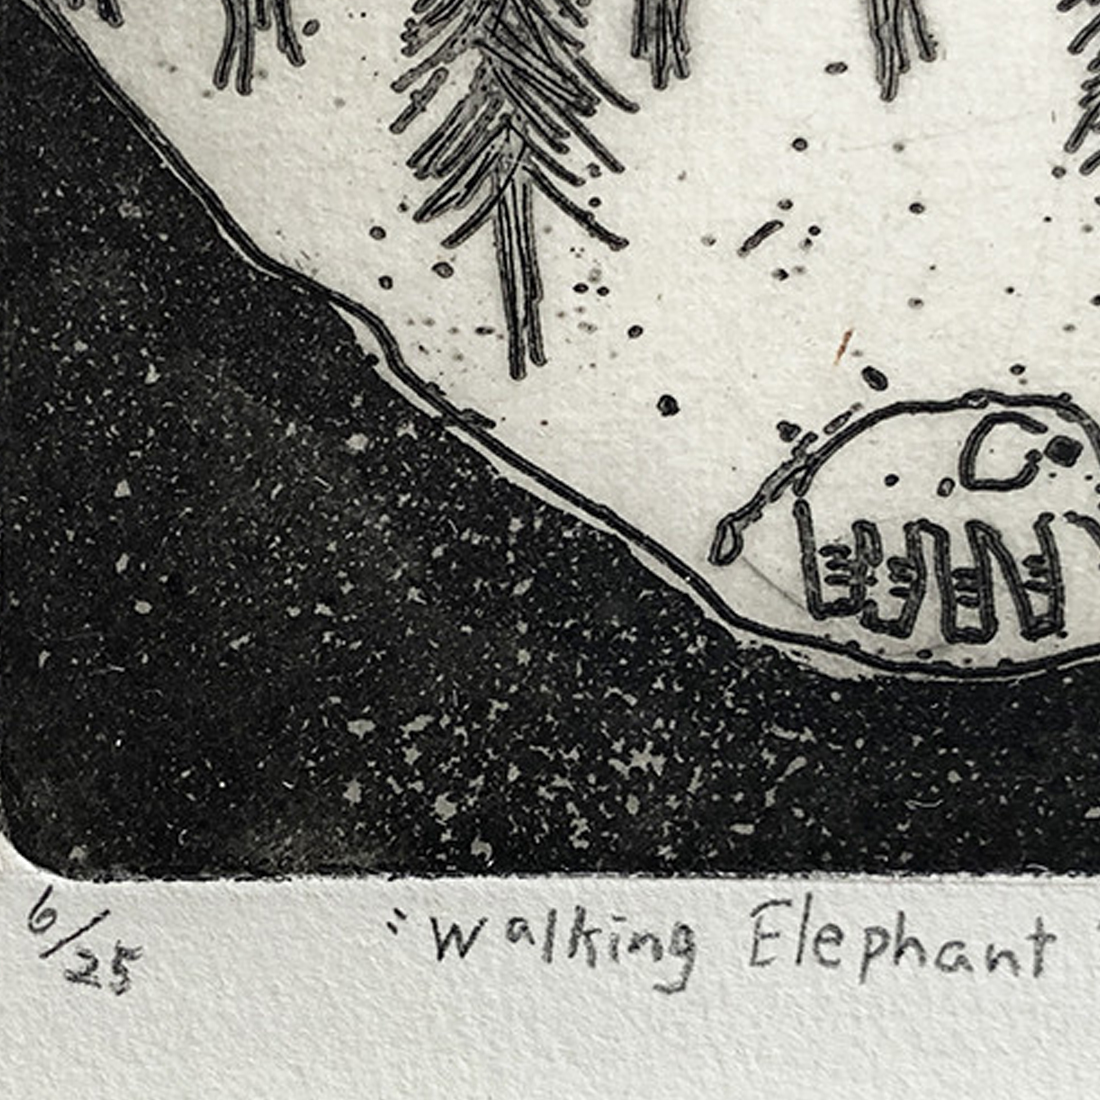 作品「Walking Elephant 」